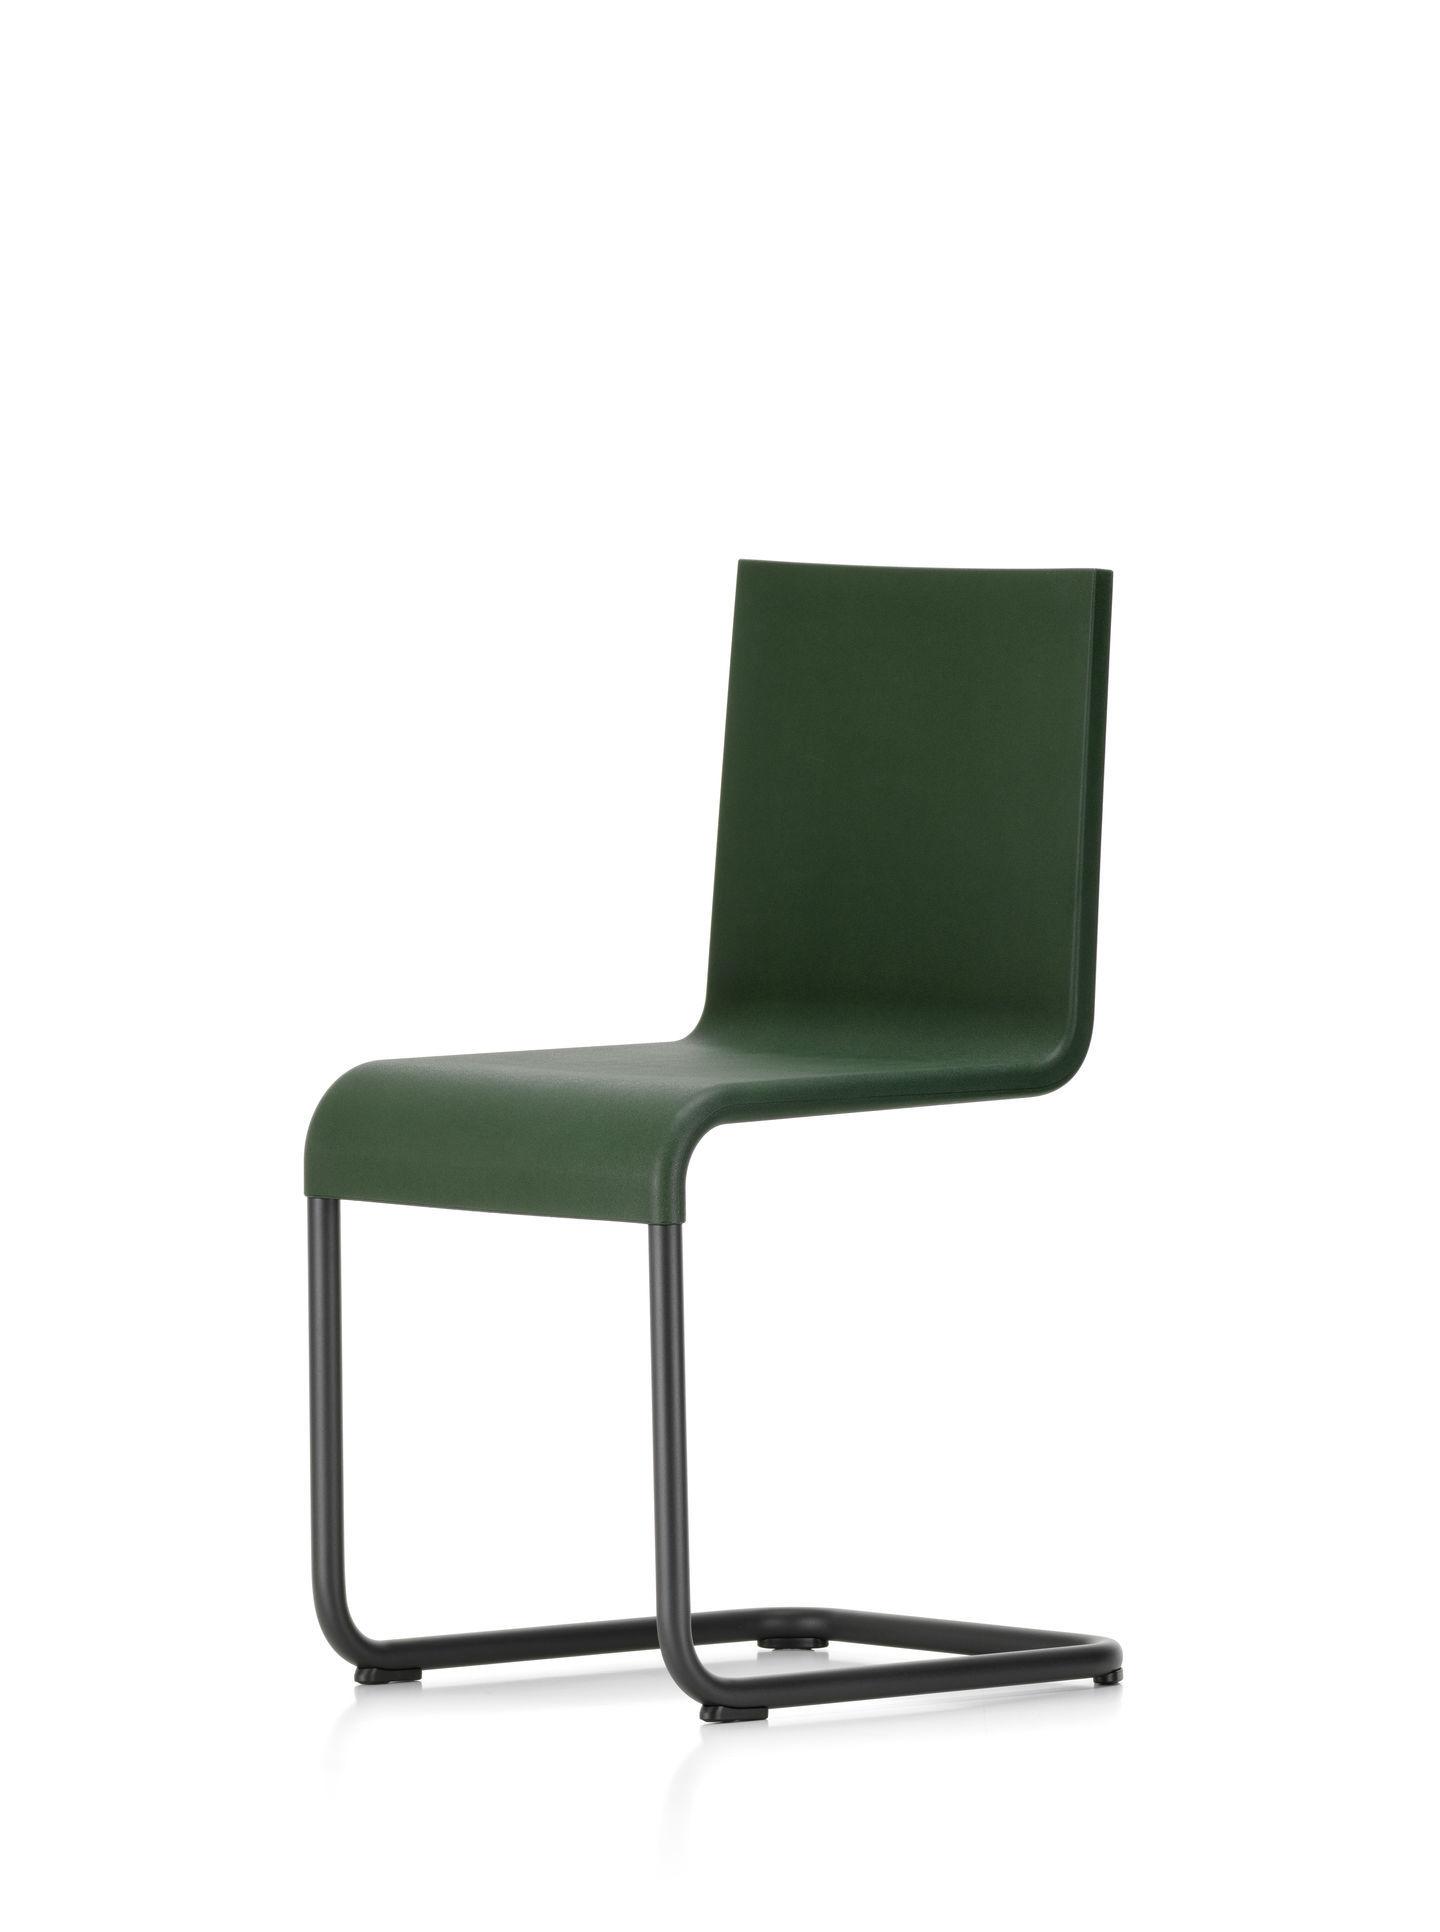 .05 Chair Vitra